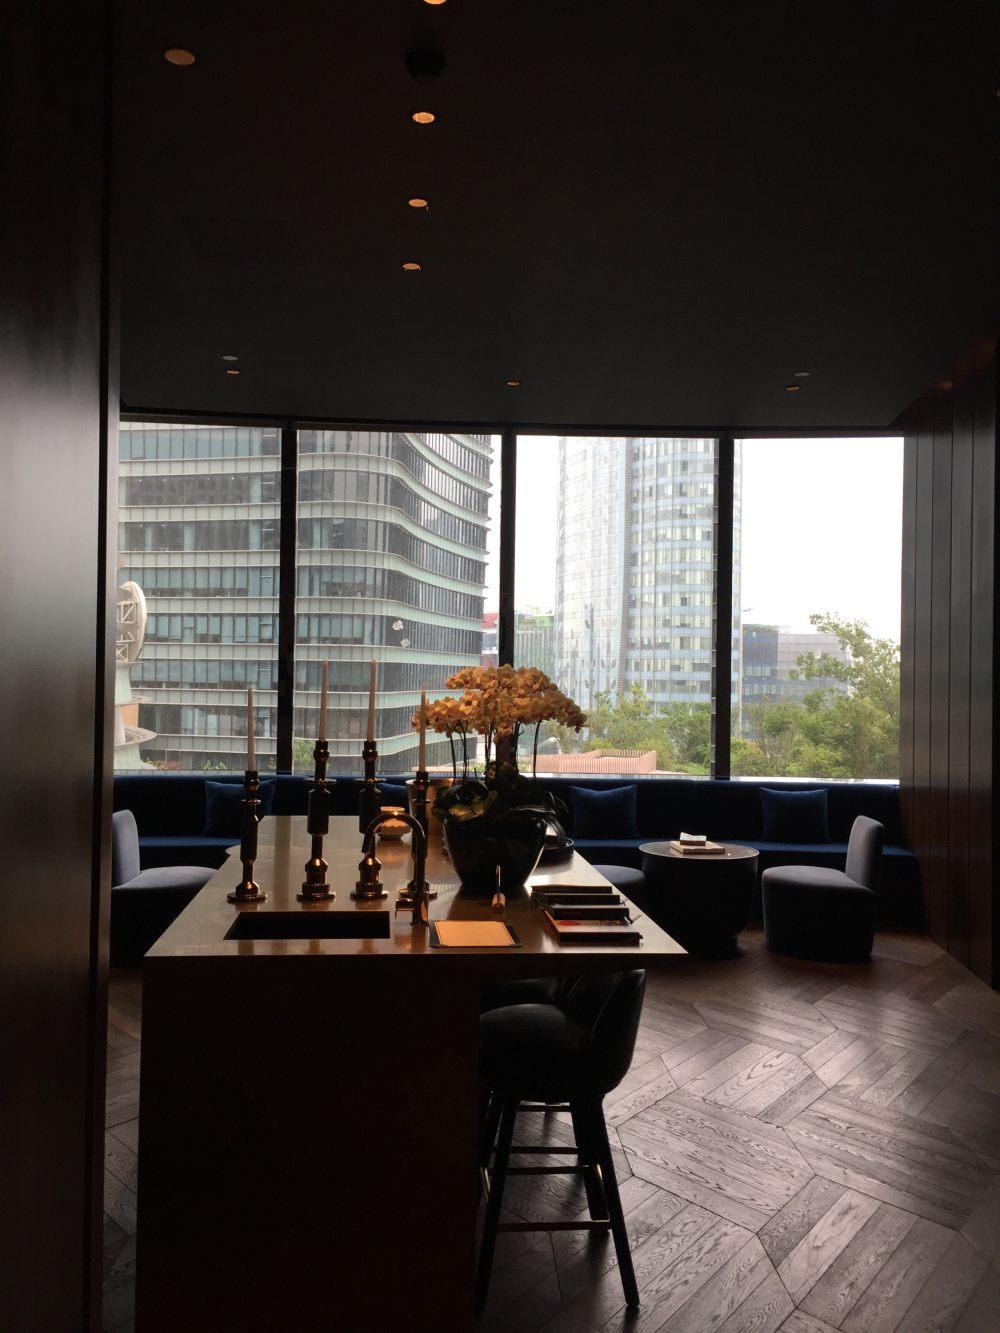 上海外滩W酒店,史上最全入住体验 自拍分享,申请置...._IMG_6335.JPG